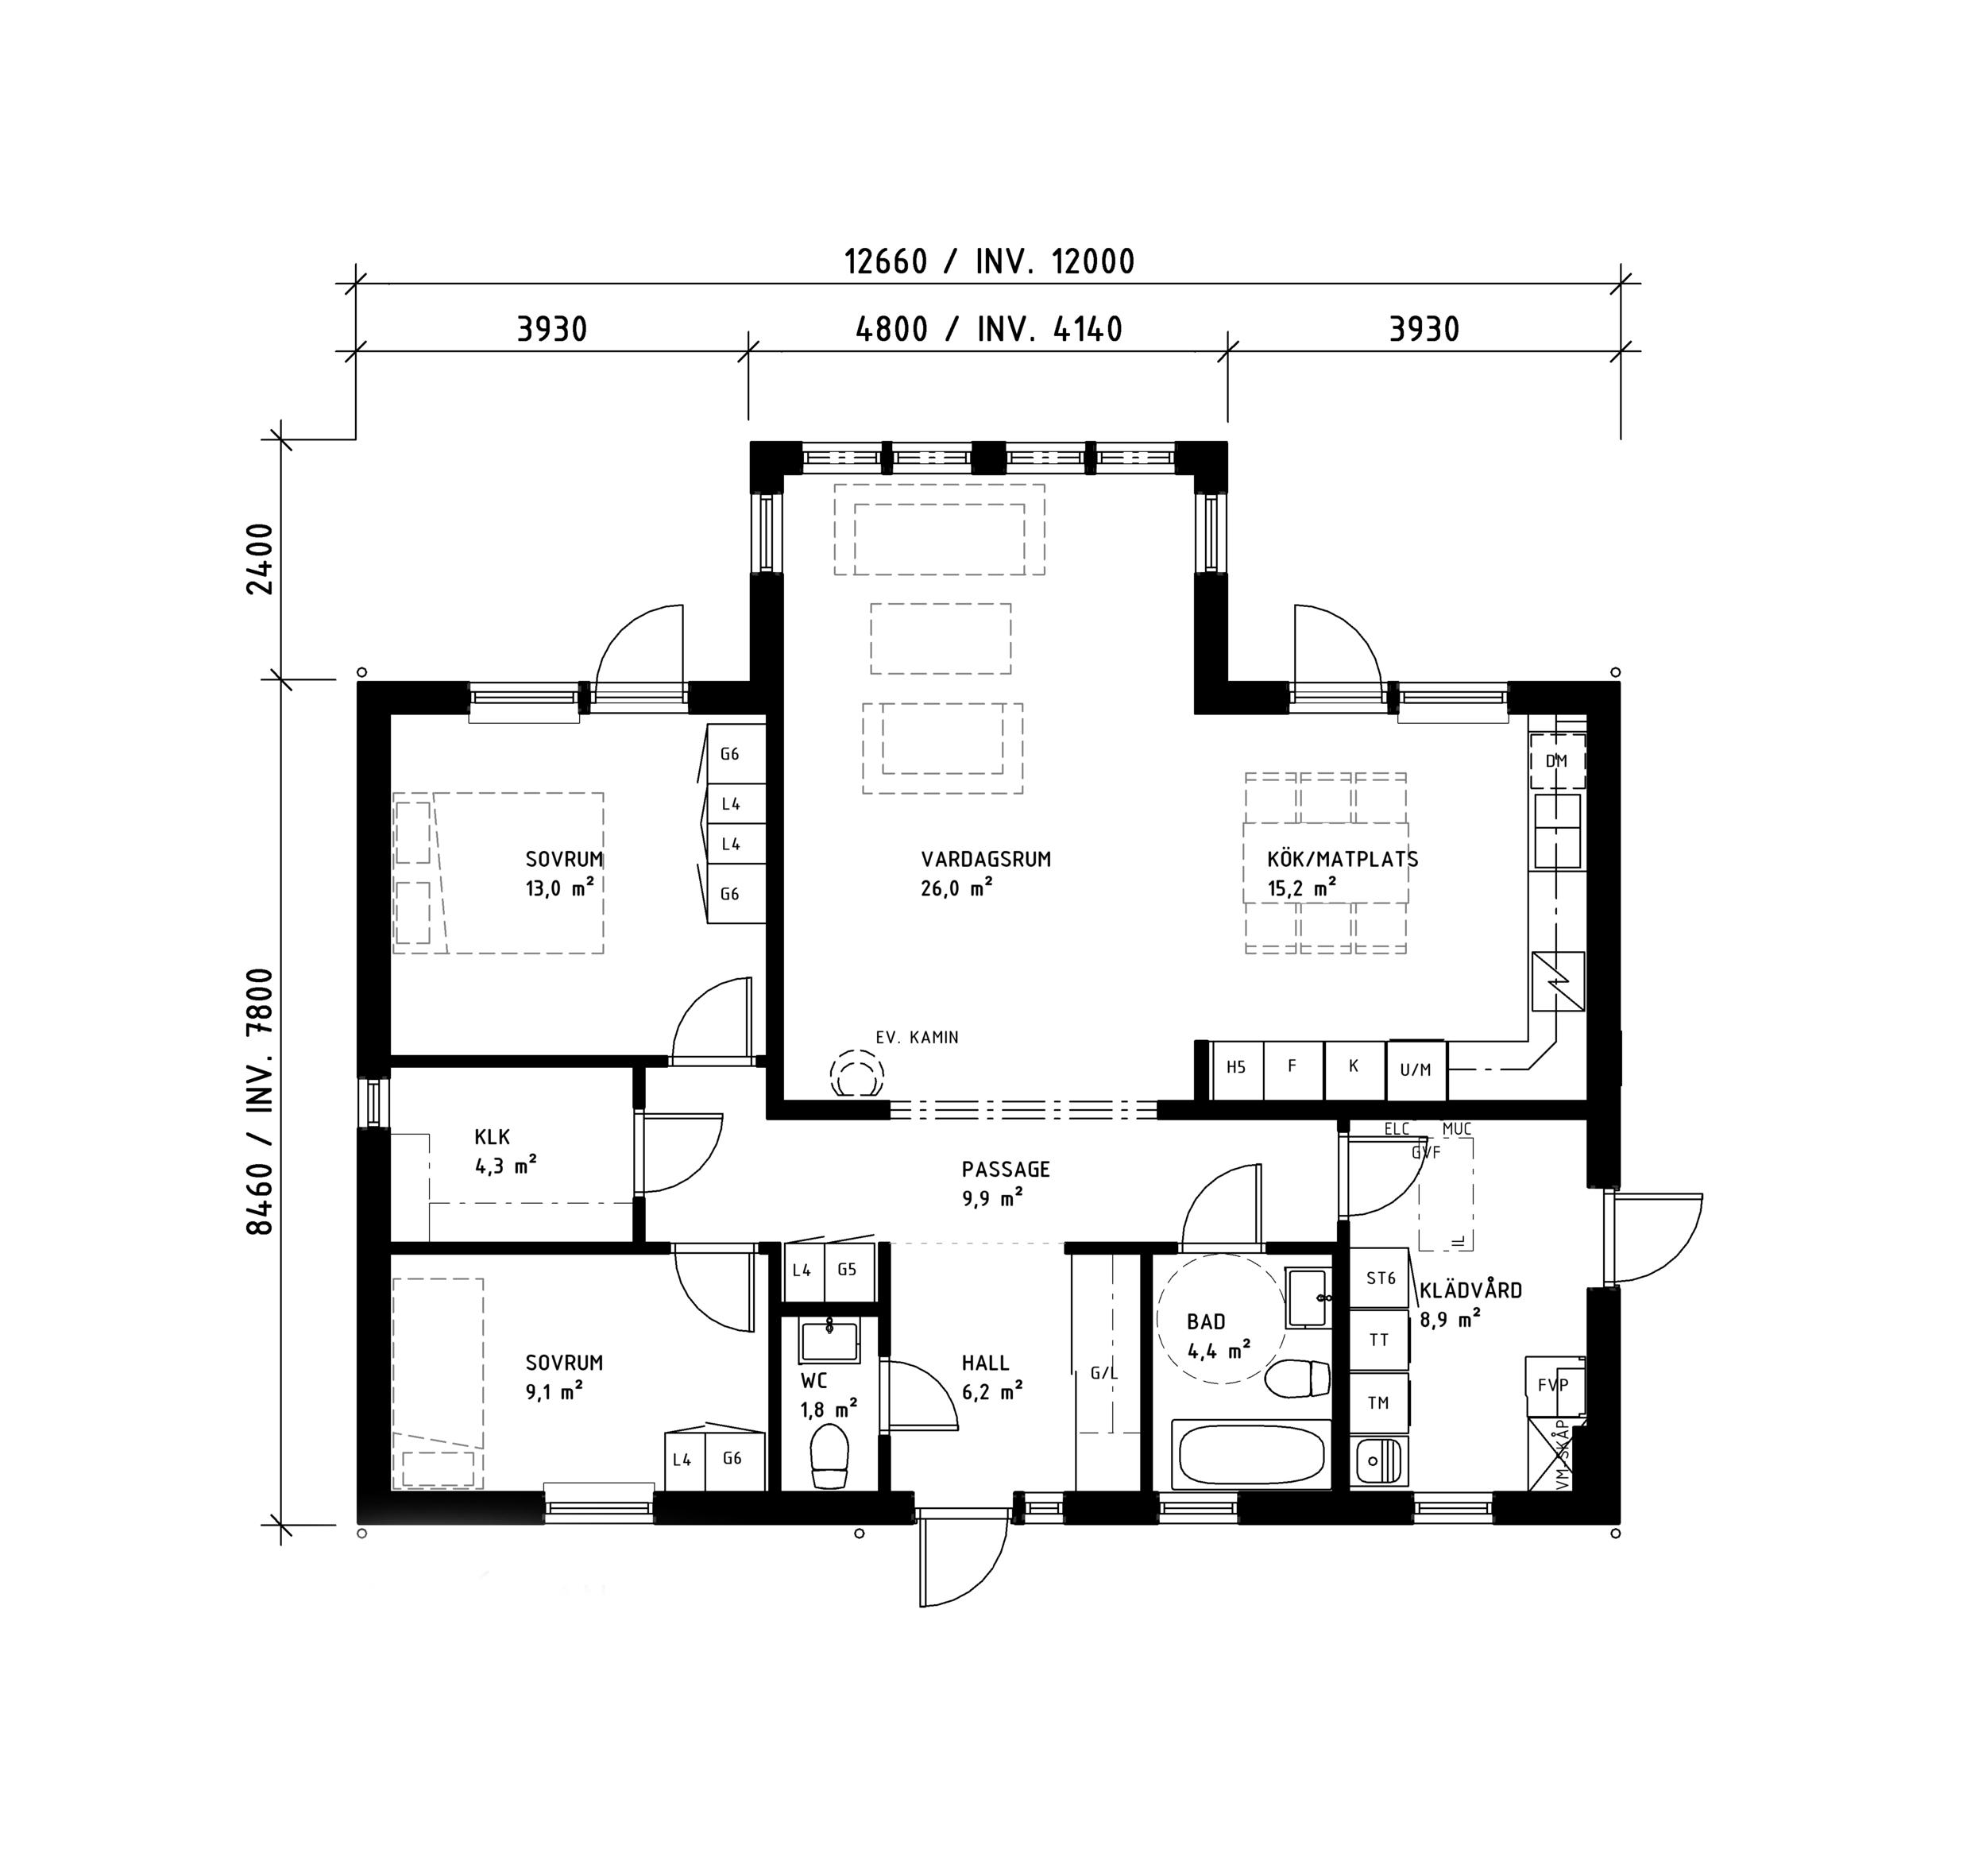 5.1.114 Lodalen plan 190813-2.png